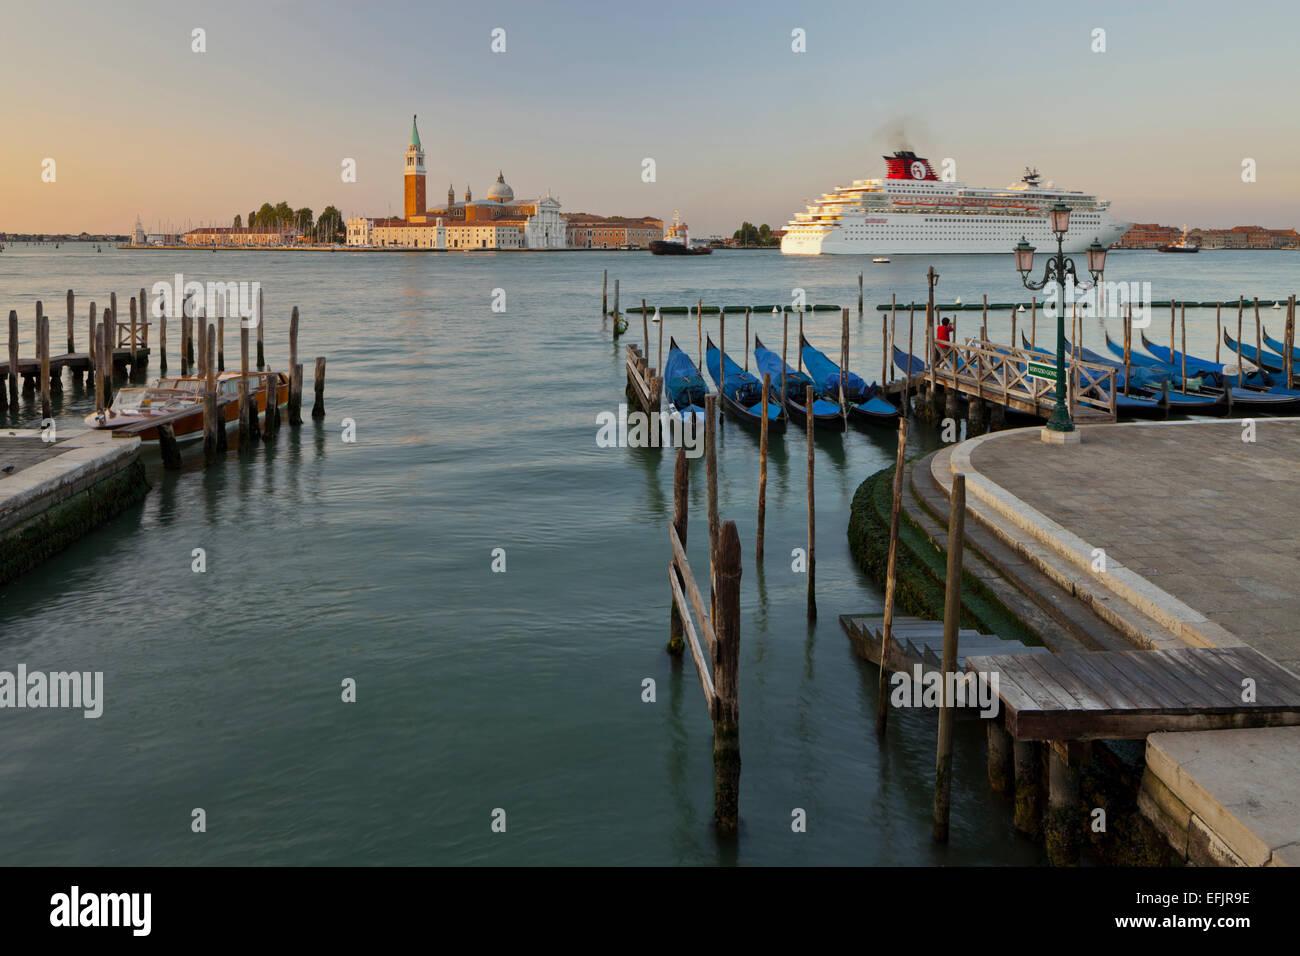 San Giorgio Maggiore of Riva degli Schiavoni, Gondeln, San Marco, Venice, Italy - Stock Image